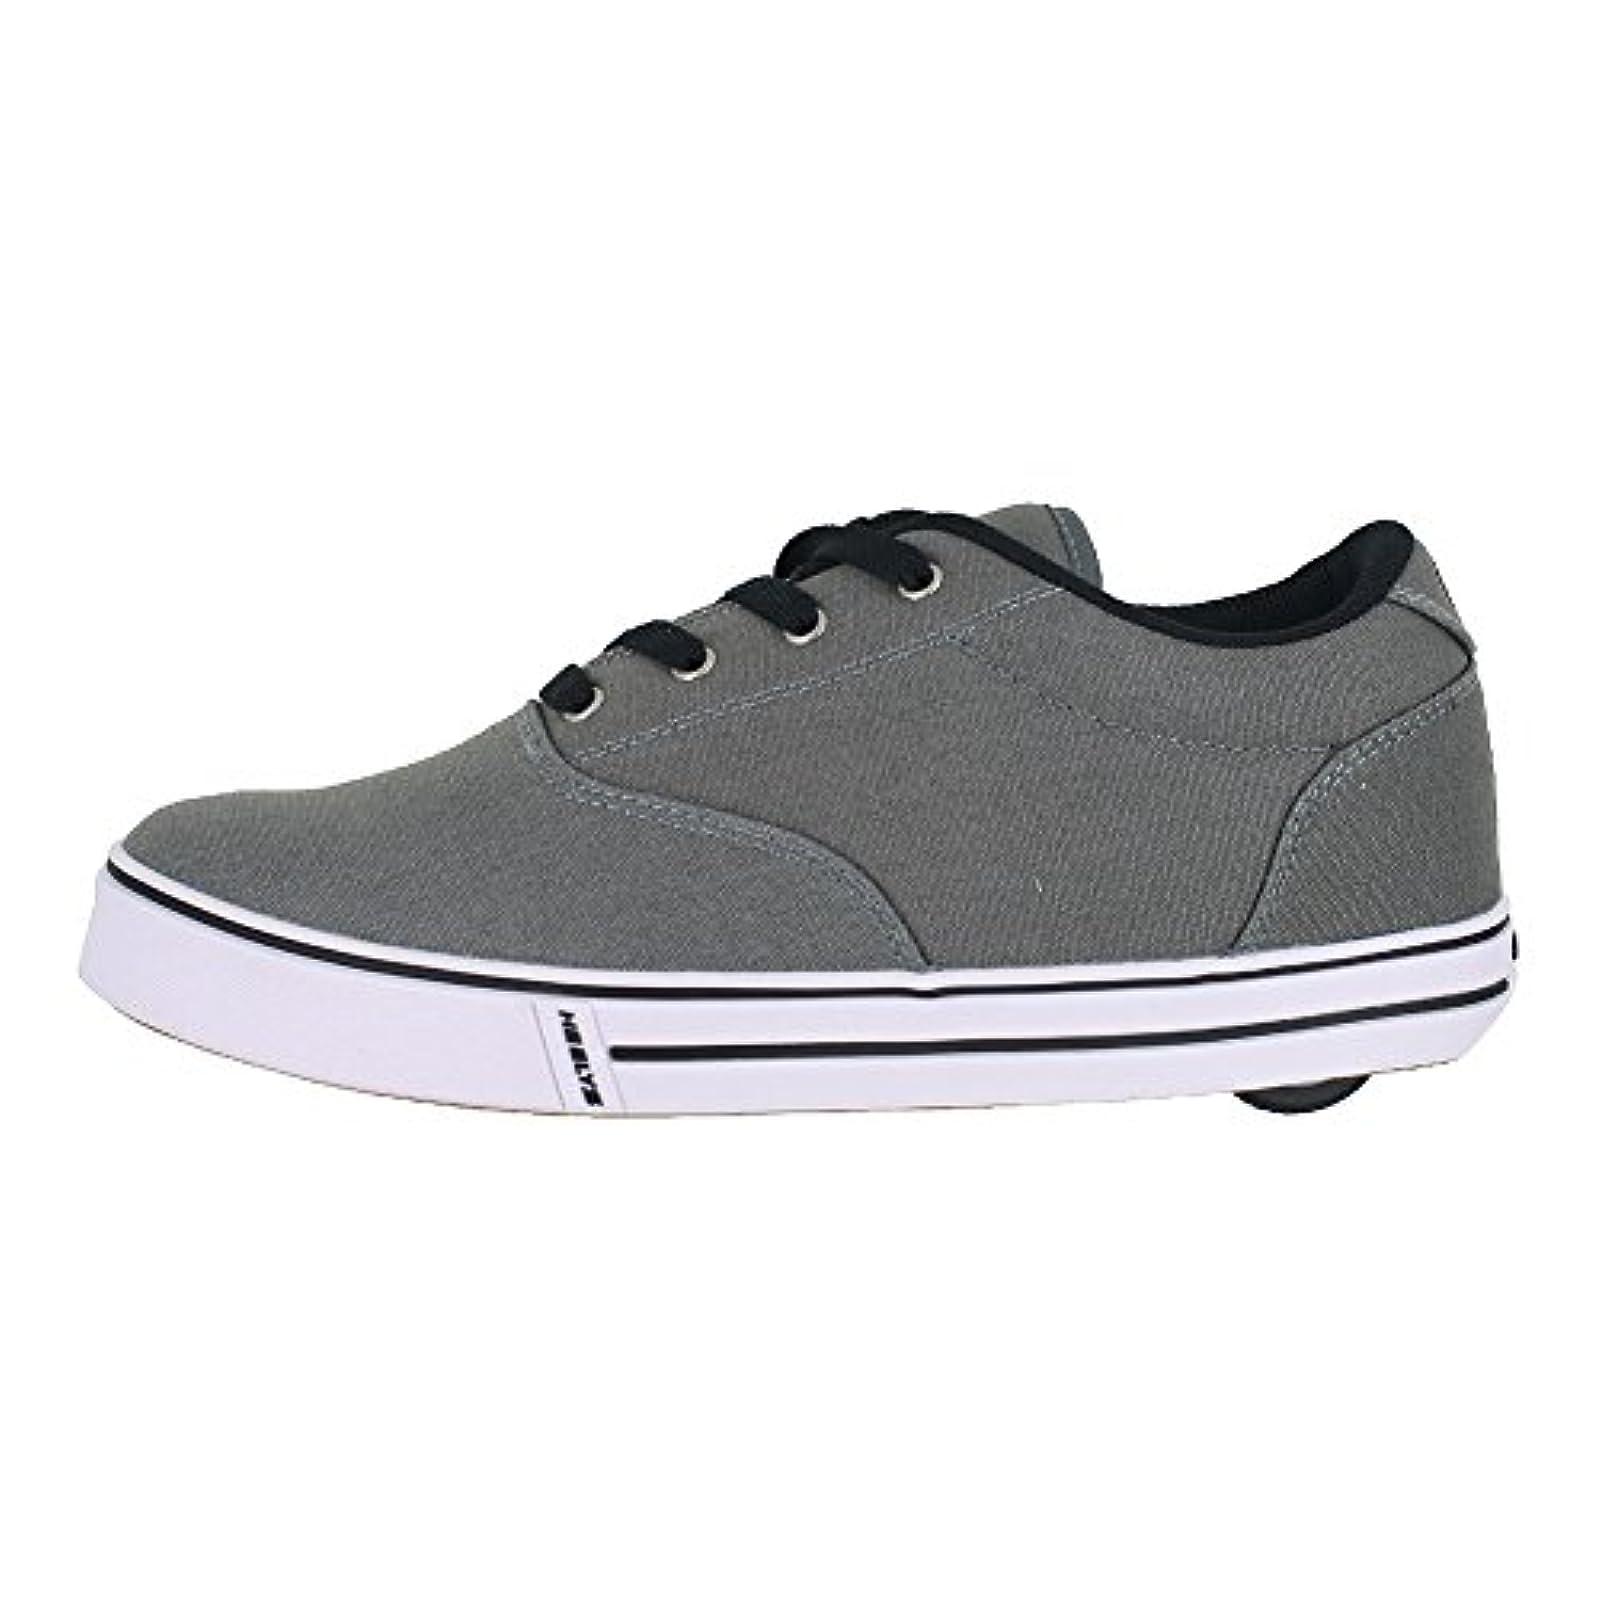 Heelys Adult MEN Launch Skate Shoes 11